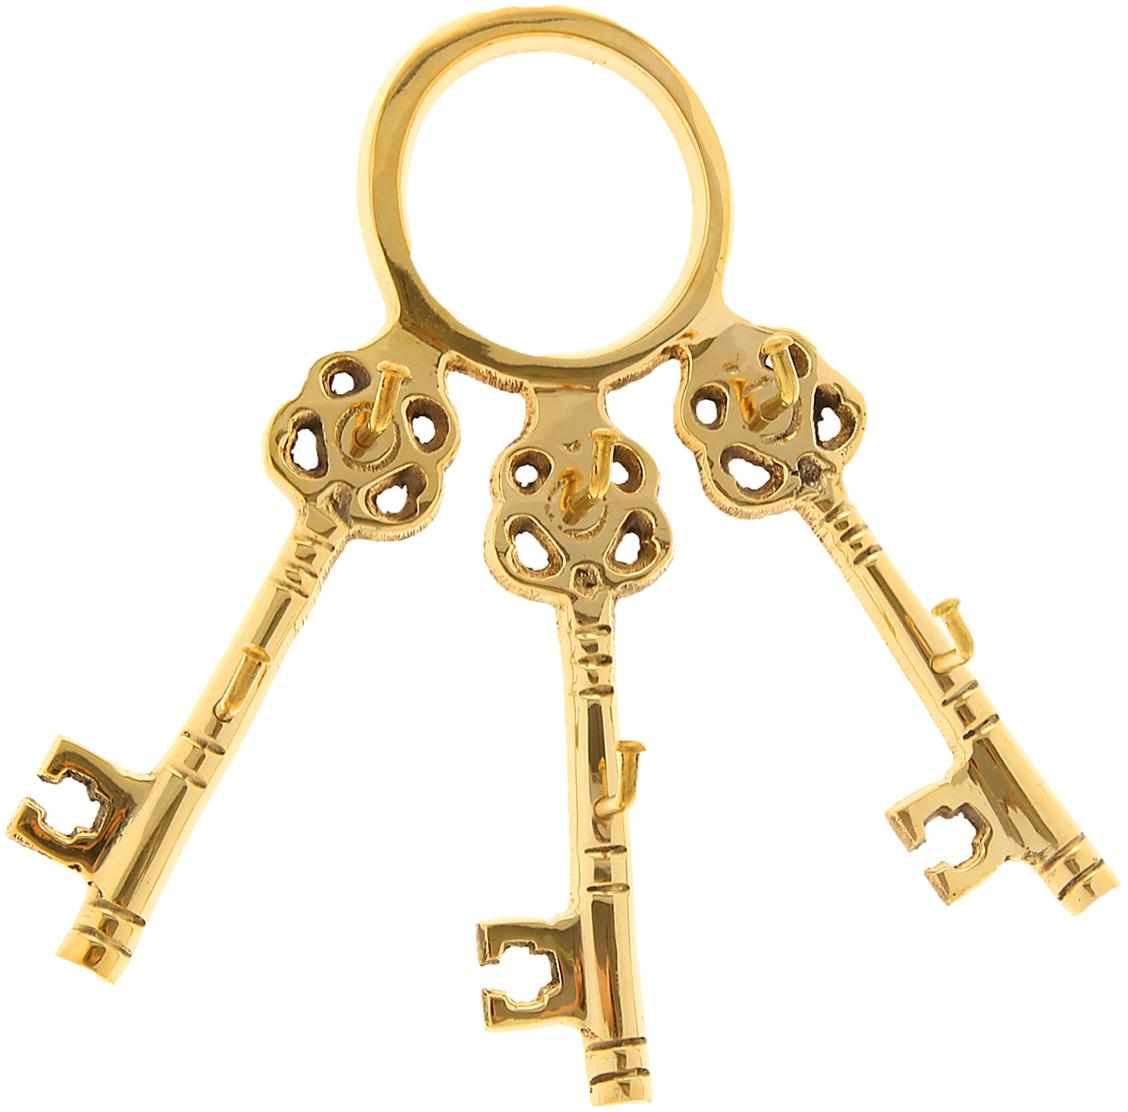 Крючок Три ключа, цвет: золотой841233Милый Крючок Три ключа, выполненный из латуни вручную индийскими мастерами-ремесленниками. Такой крючок станет отличным помощником, на него можно повесить ключи, полотенце, одежду и другие важные вещицы.